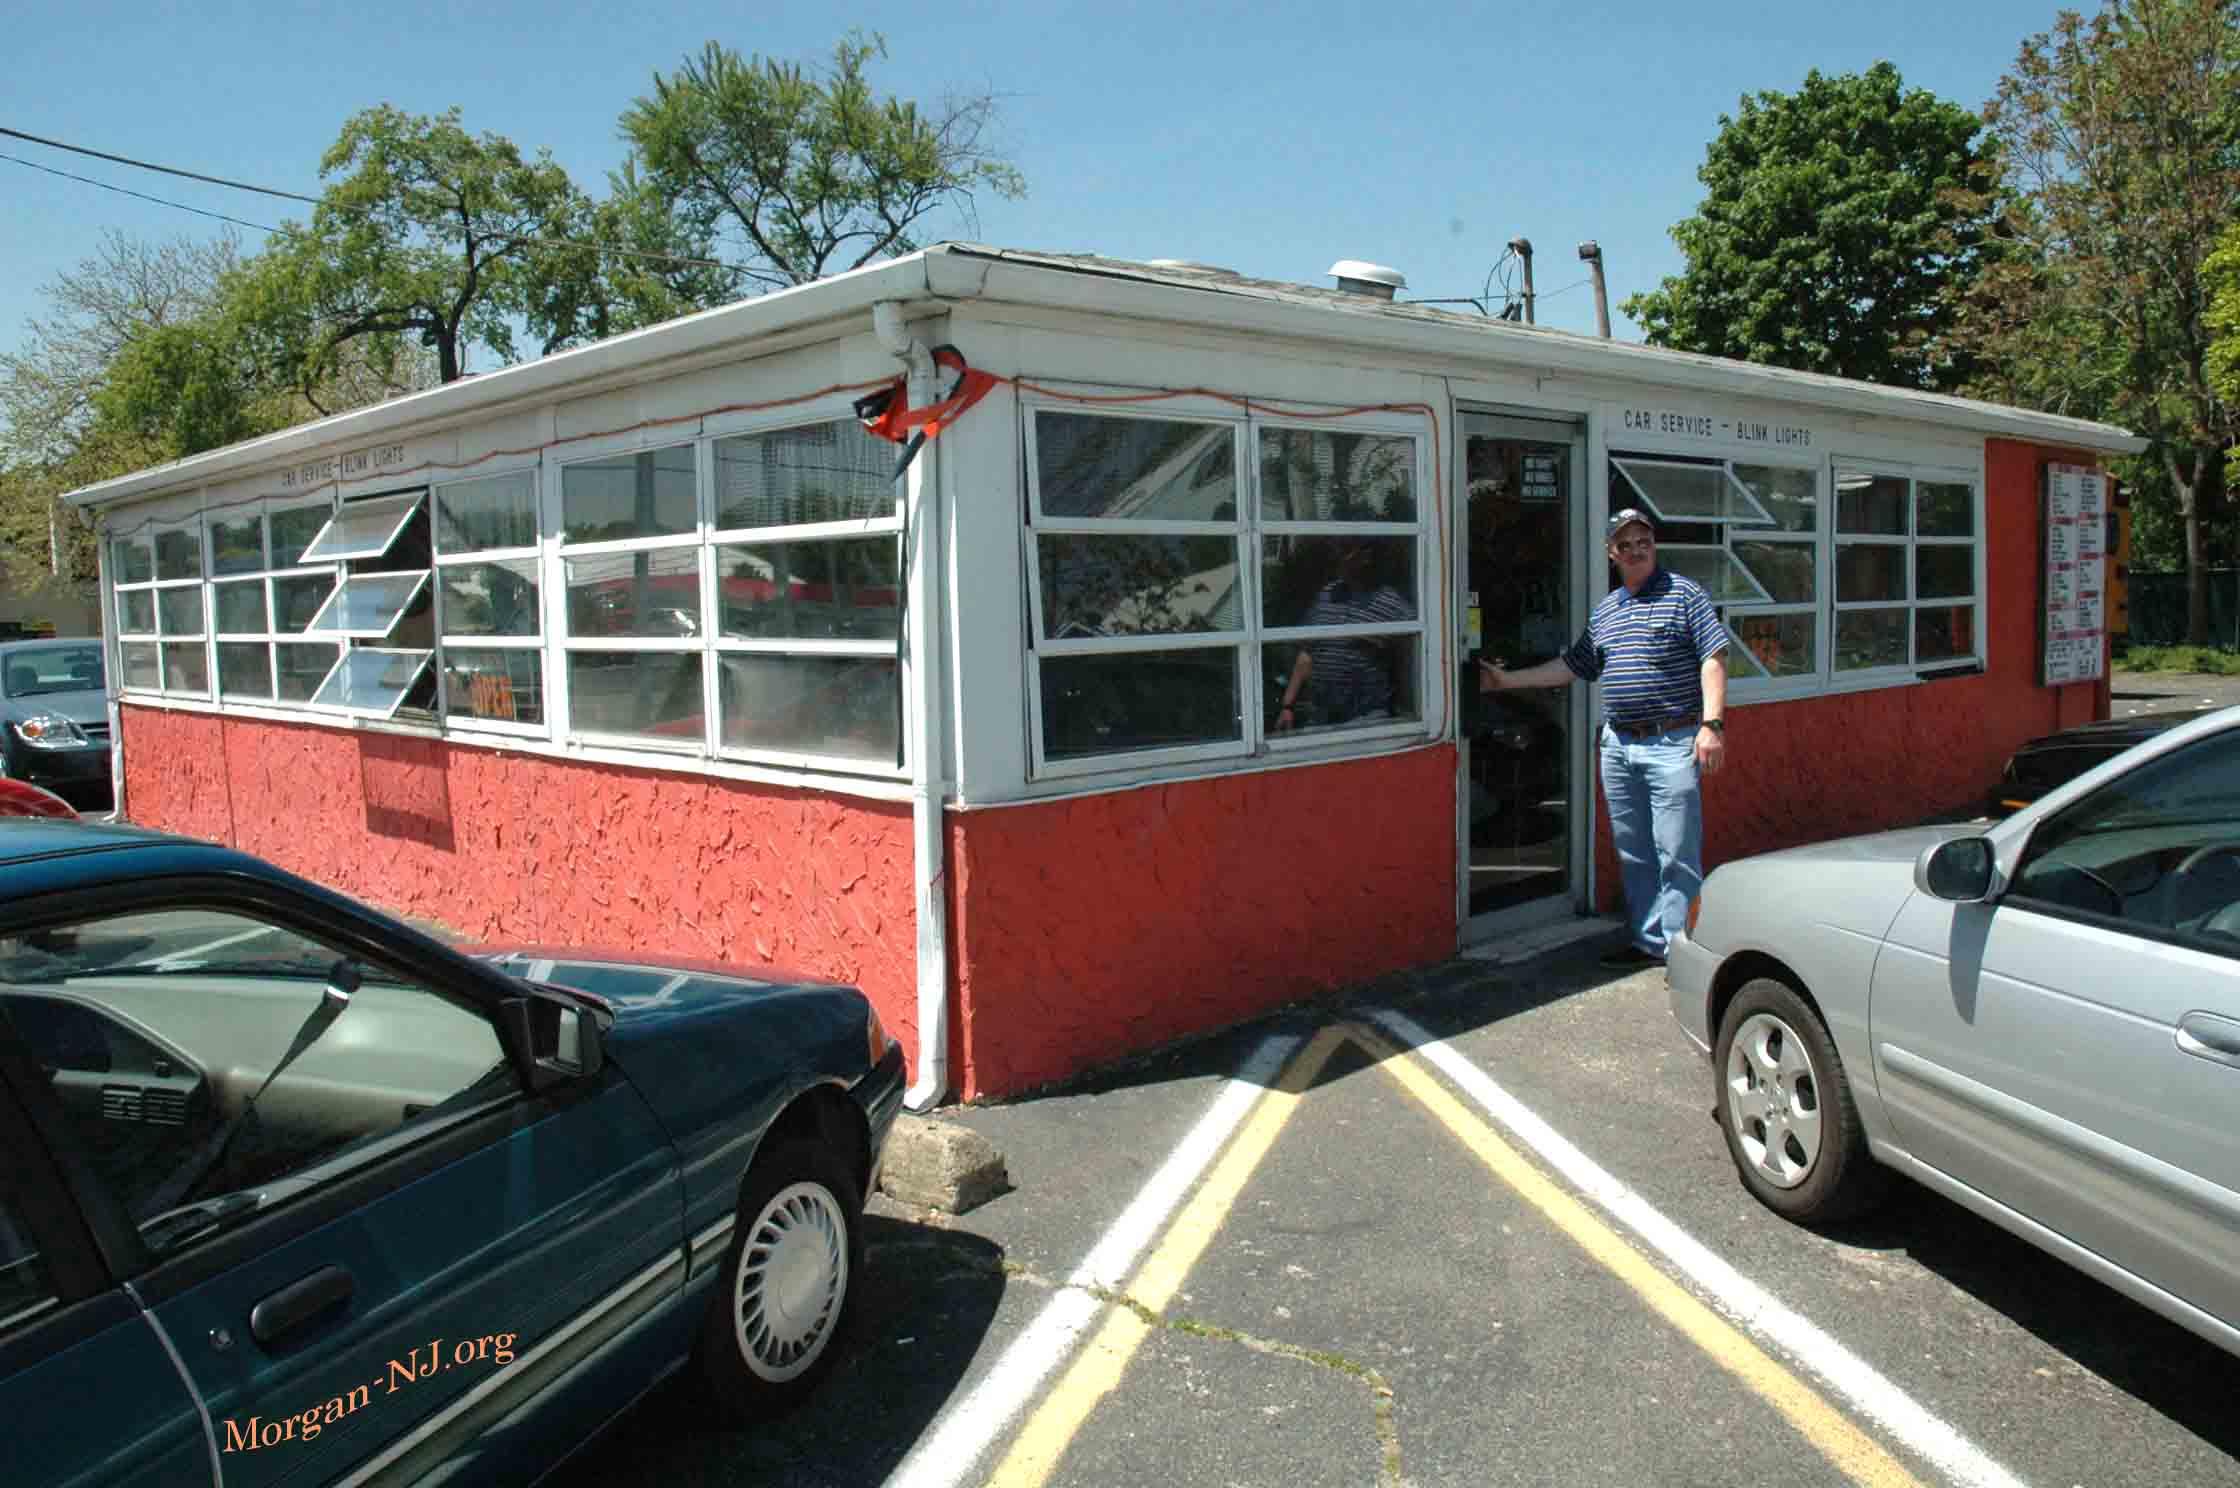 Stewart's Root Beer Stand in Morgan, NJ